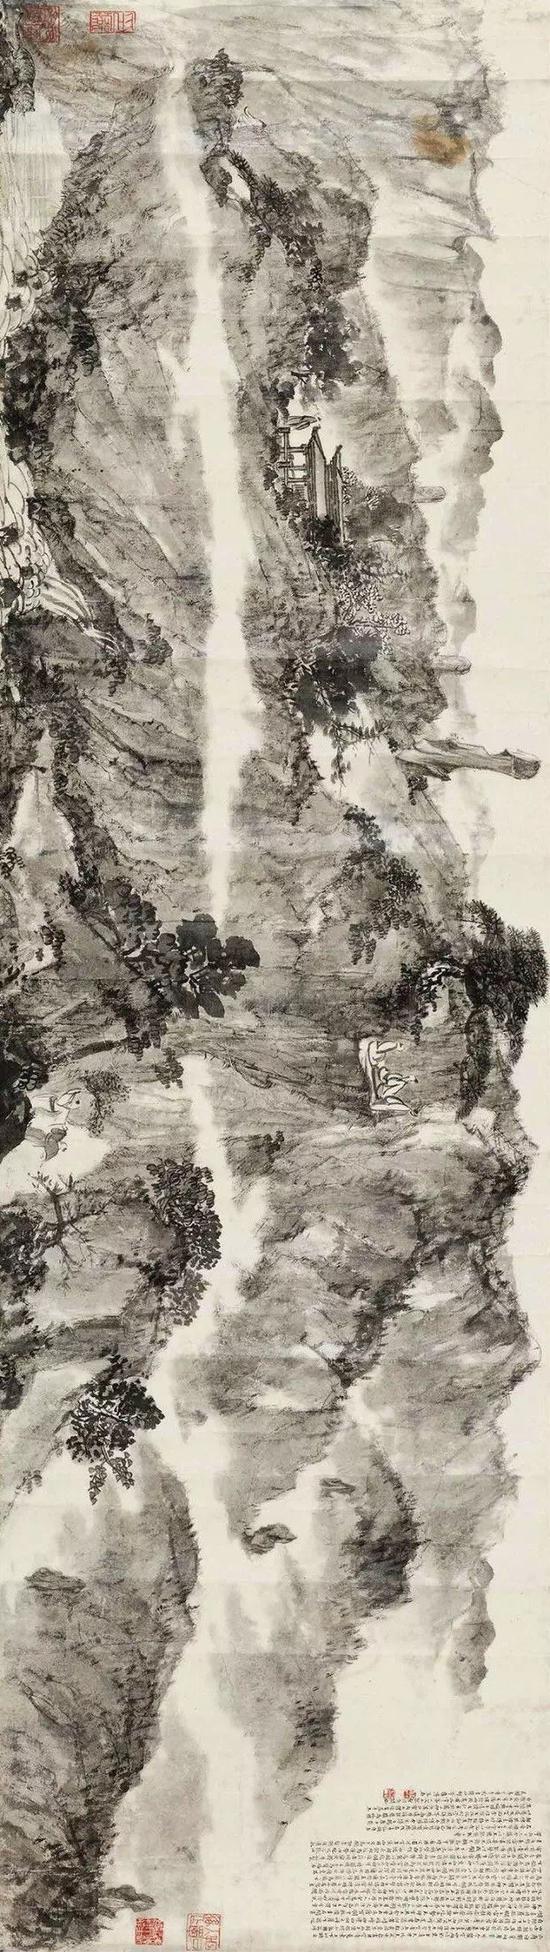 《云台山记图卷及设计稿》——4255万元